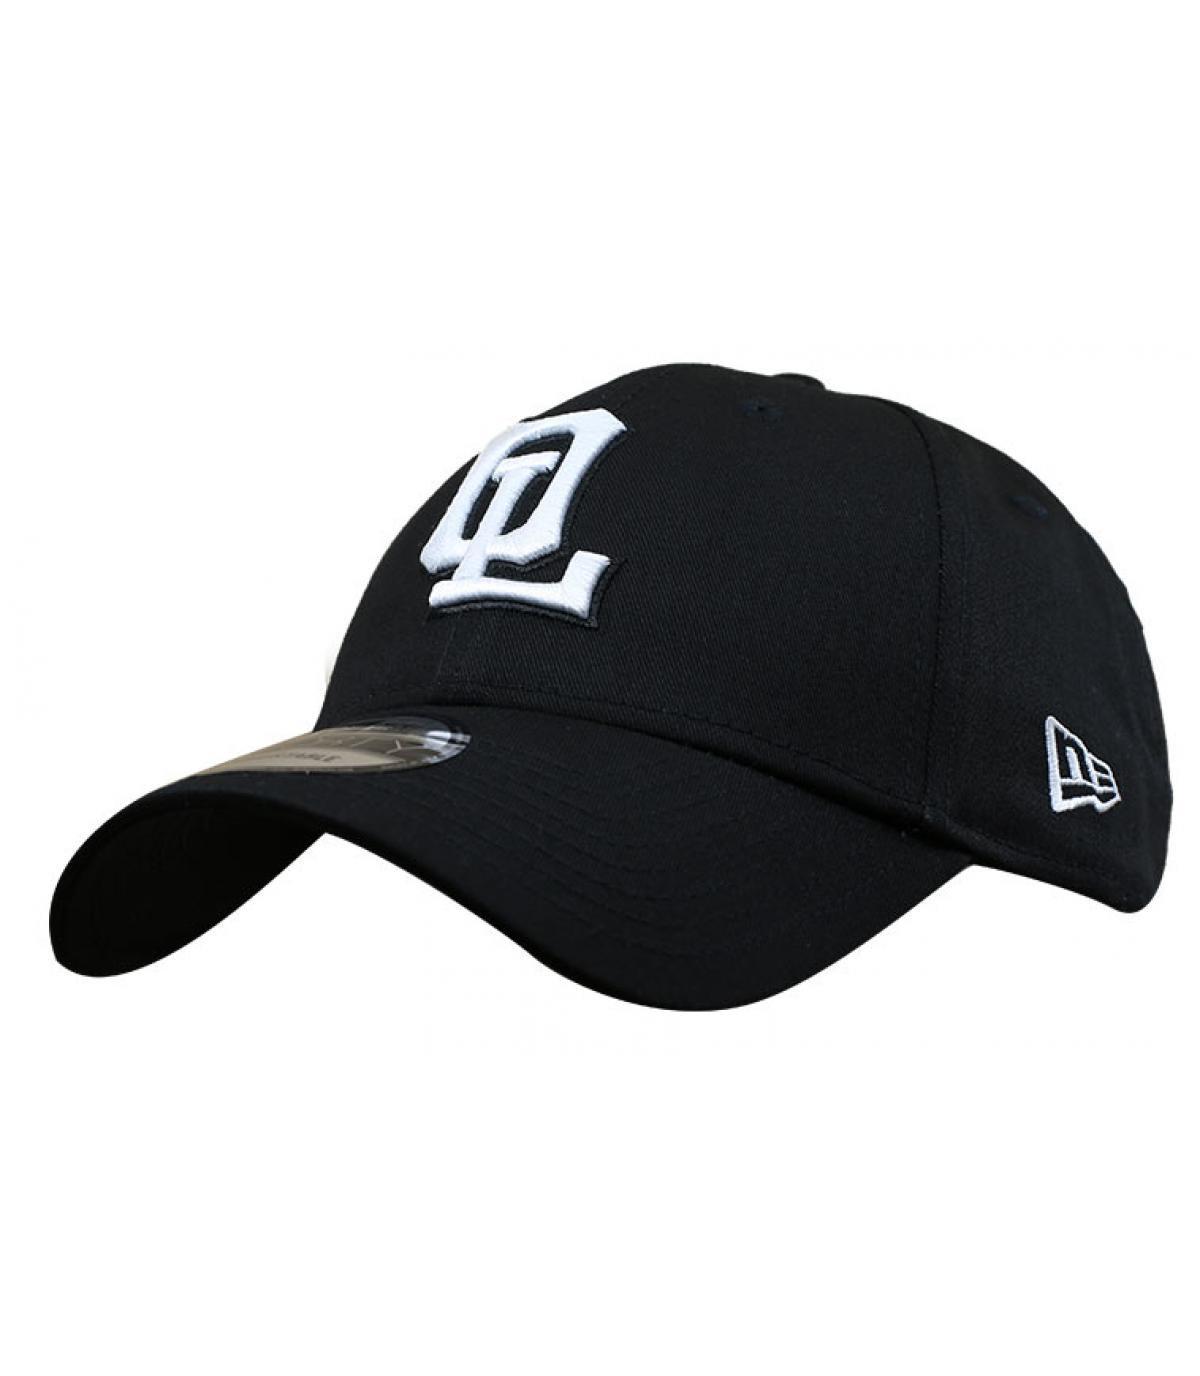 Cap OL schwarz